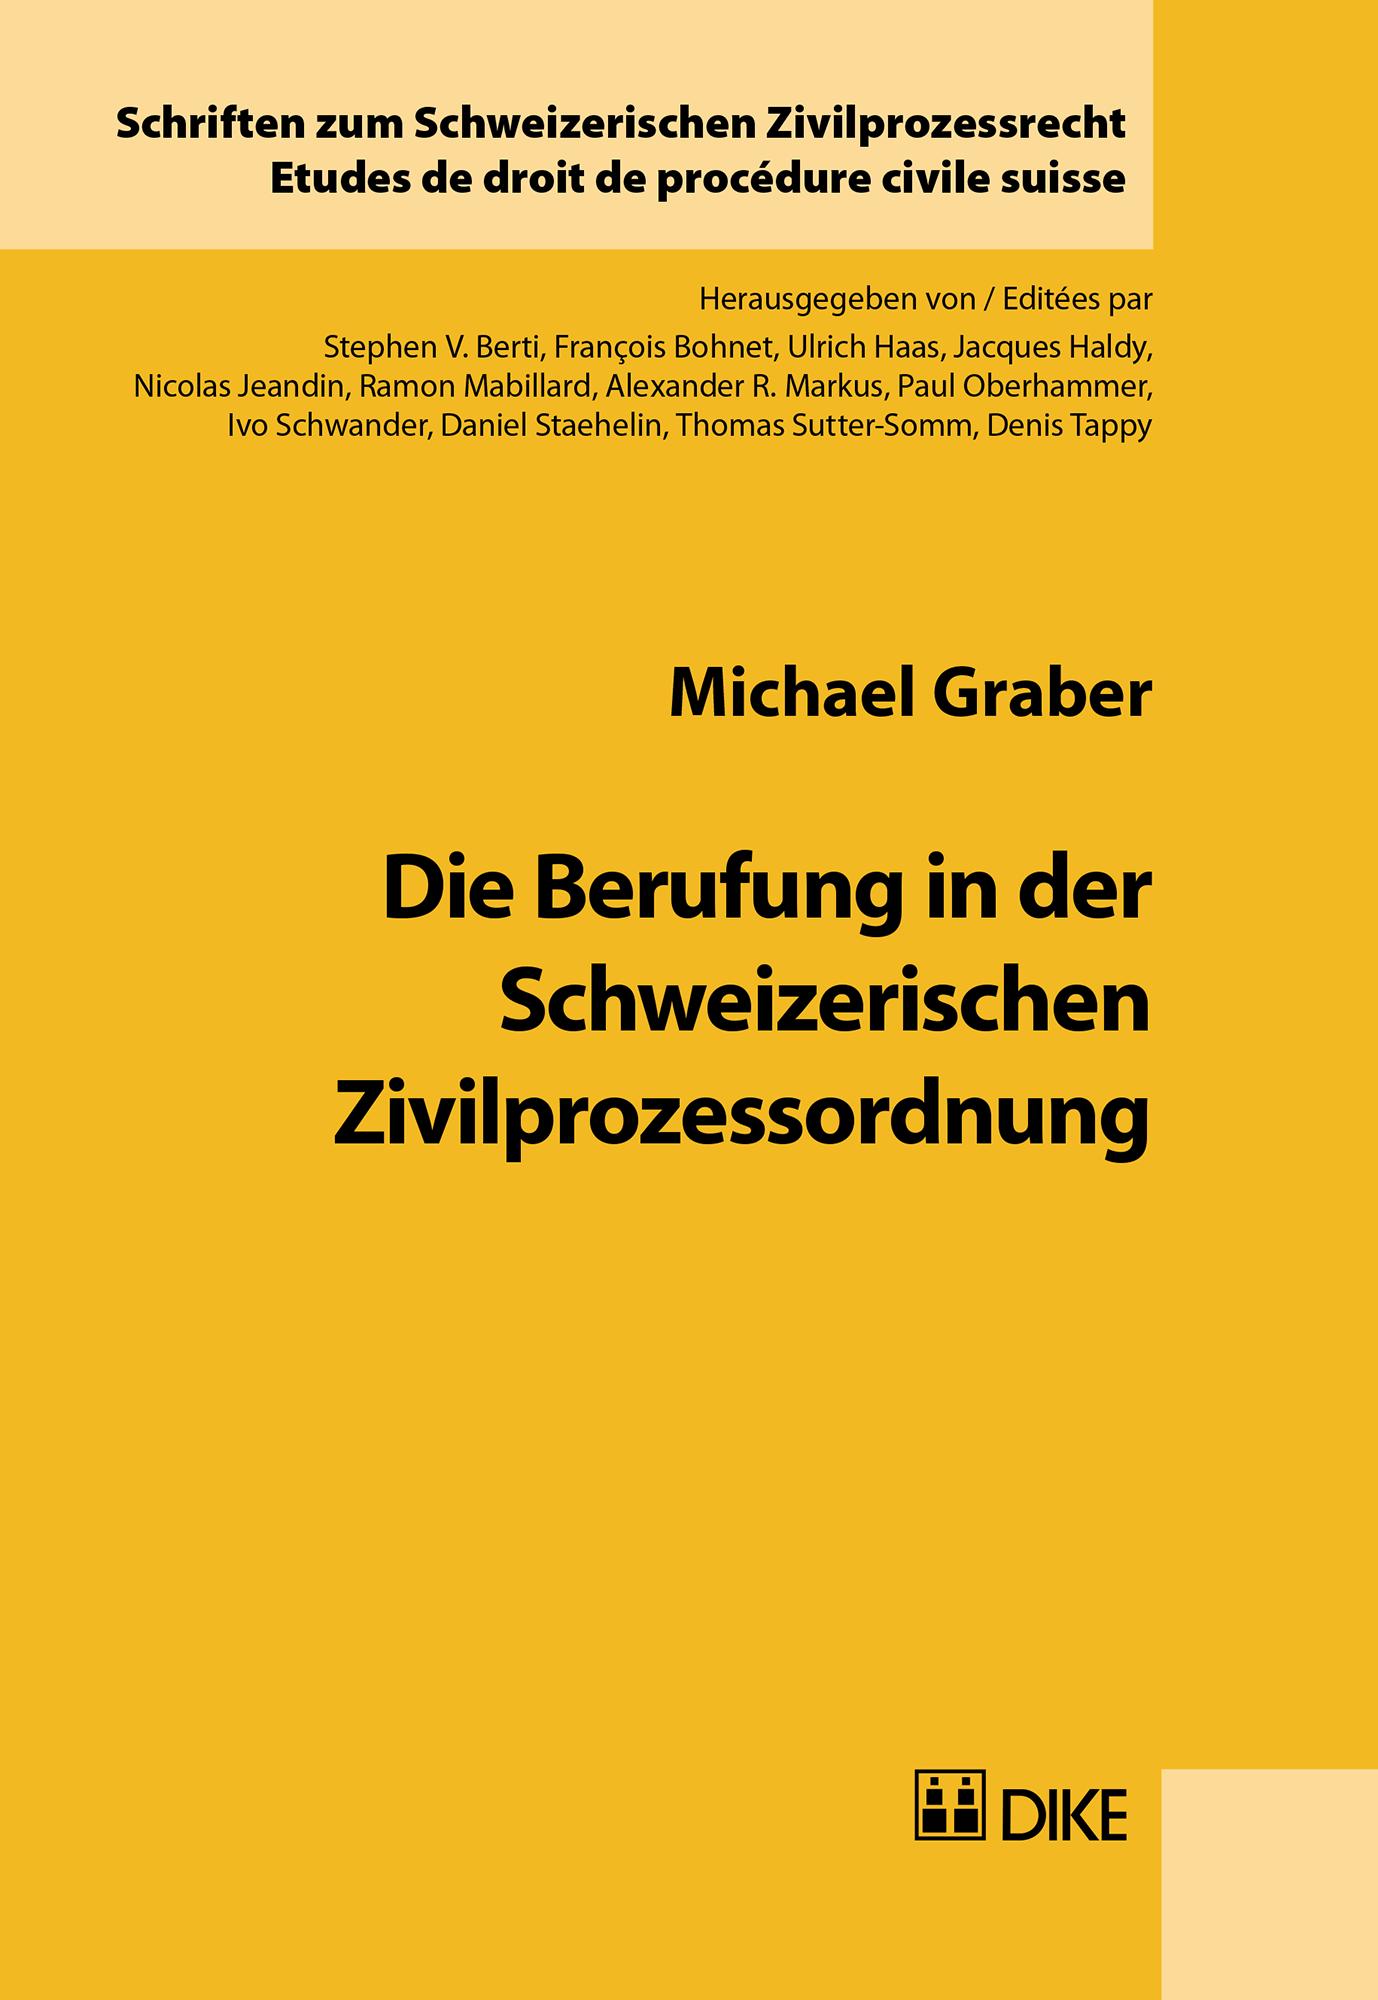 Die Berufung in der Schweizerischen Zivilprozessordnung